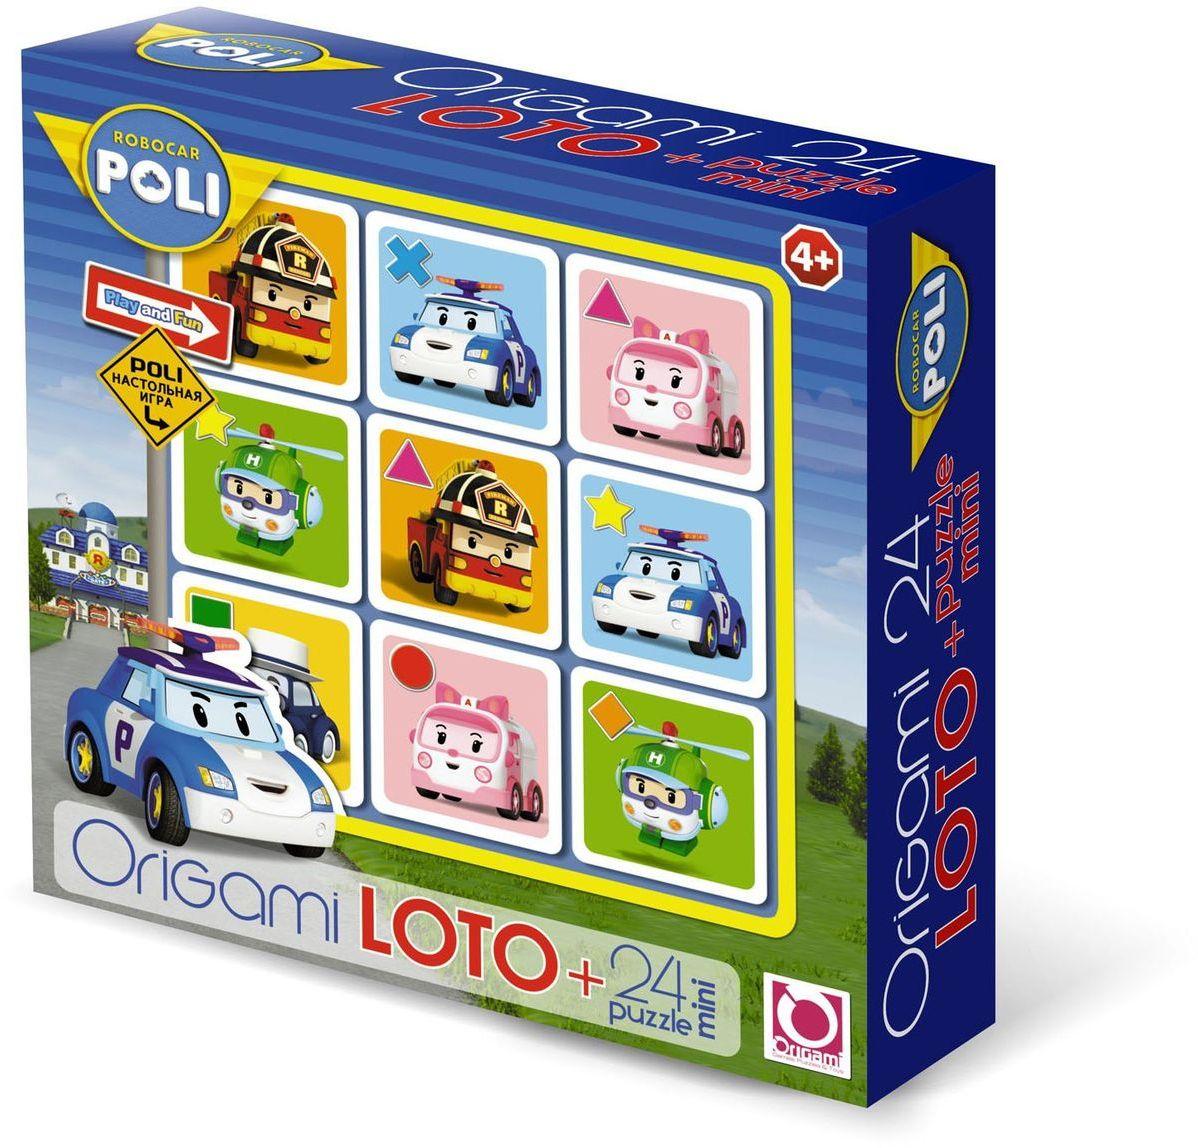 Оригами Комплект игр лото и пазл Robocar00230Игра ЛОТО знакомит детей с окружающим миром , расширяет кругозор . Лото позволяет моделировать множество различных игровых ситуаций. В процессе игры развивается логическое мышление , наблюдательность , внимание , память, совершенствуется мелкая моторика рук. Размер пазла 15х9,8. Рекомендуемый возраст 4+